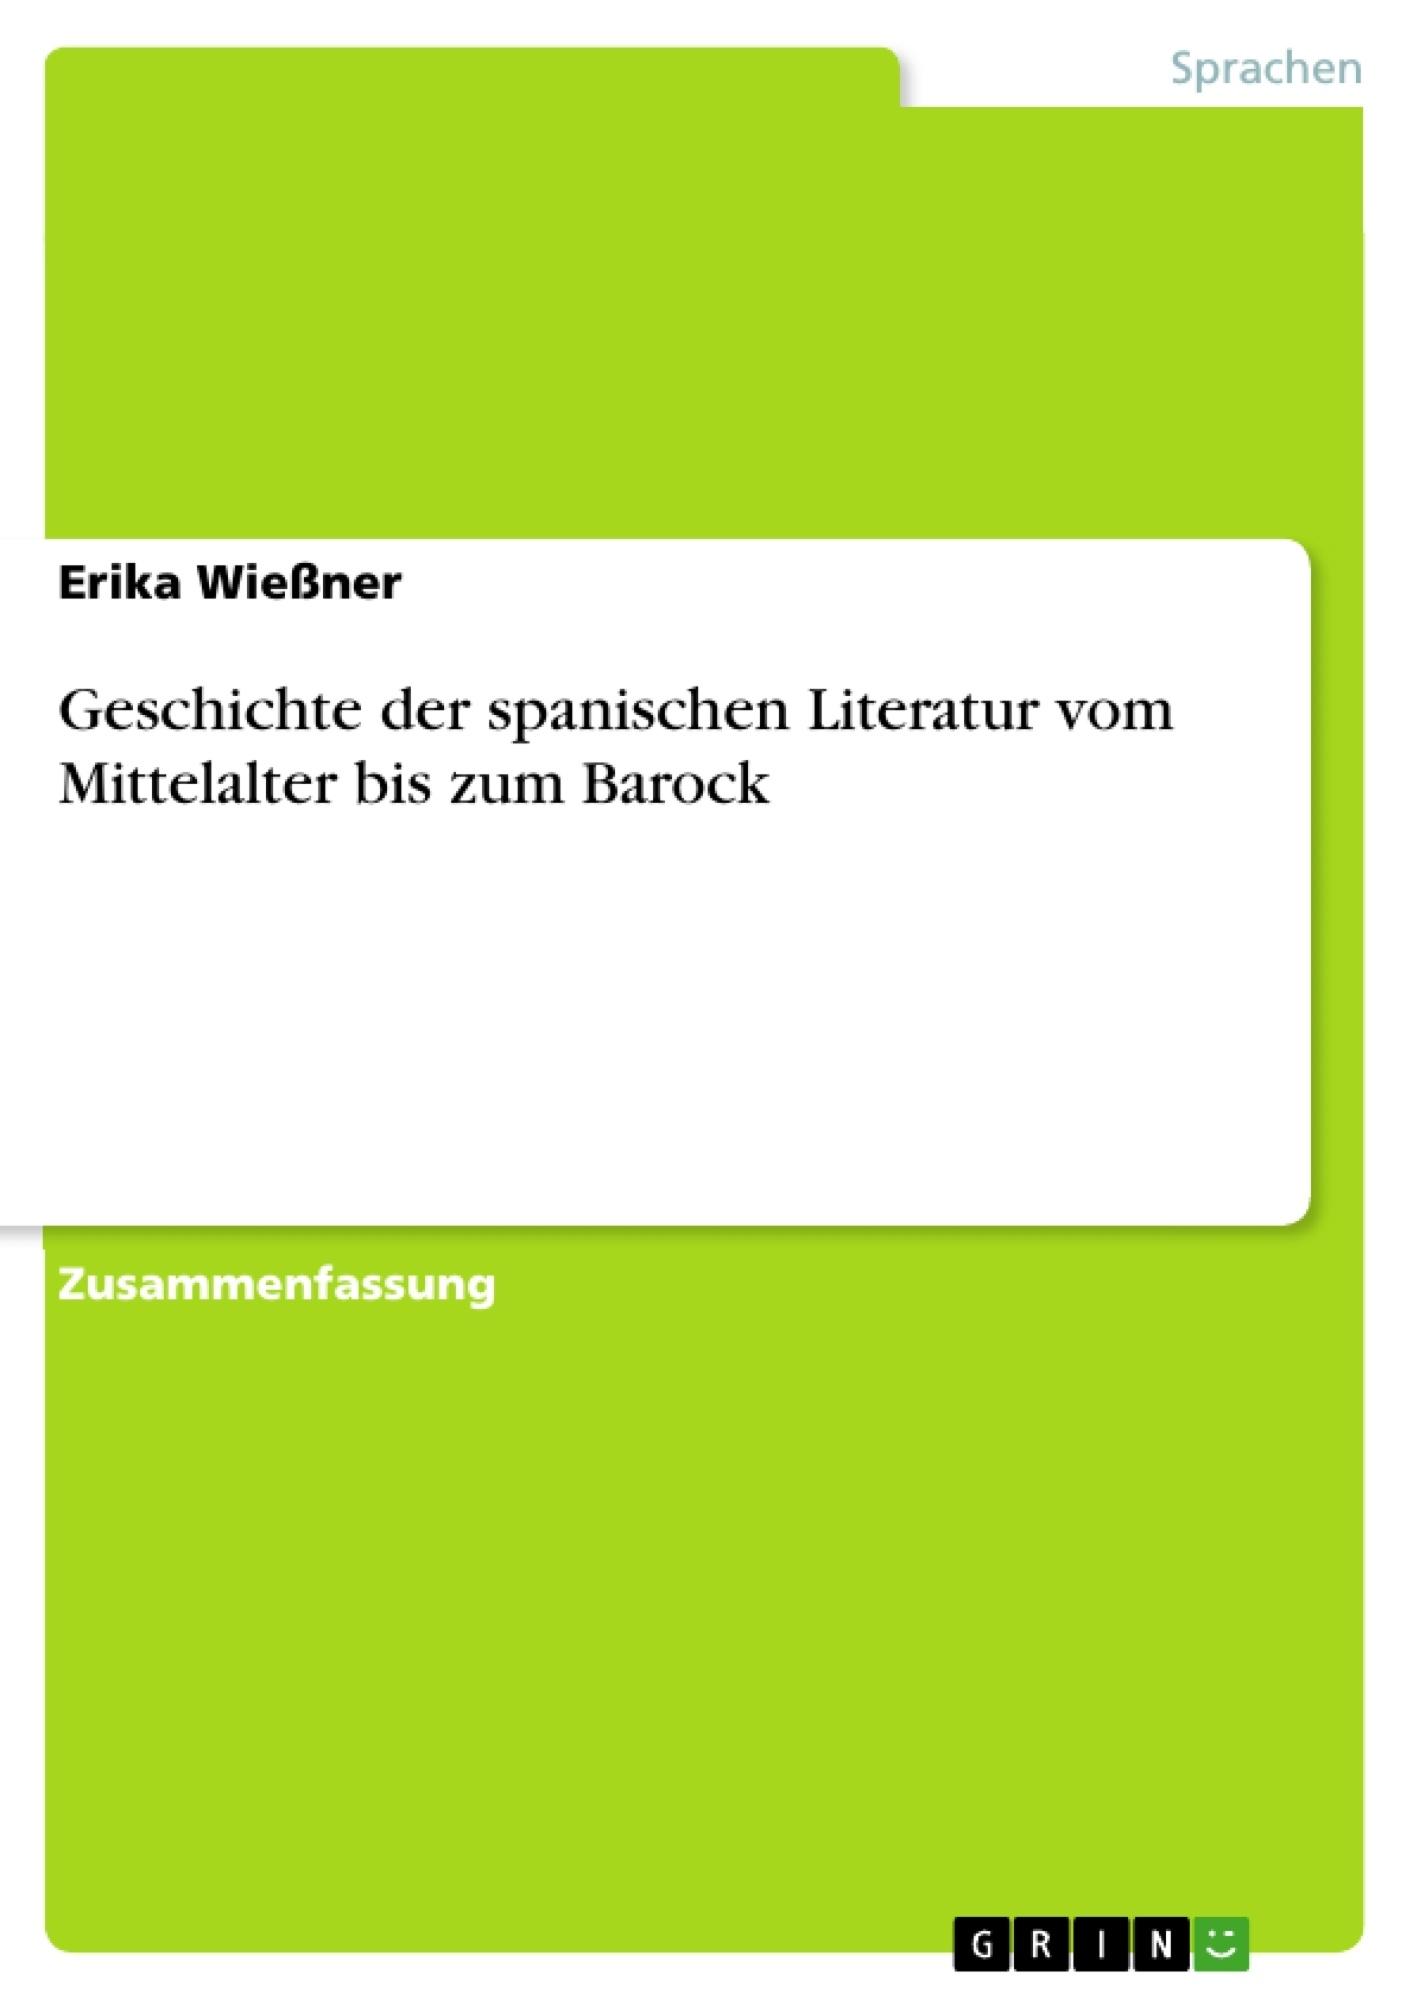 Titel: Geschichte der spanischen Literatur vom Mittelalter bis zum Barock